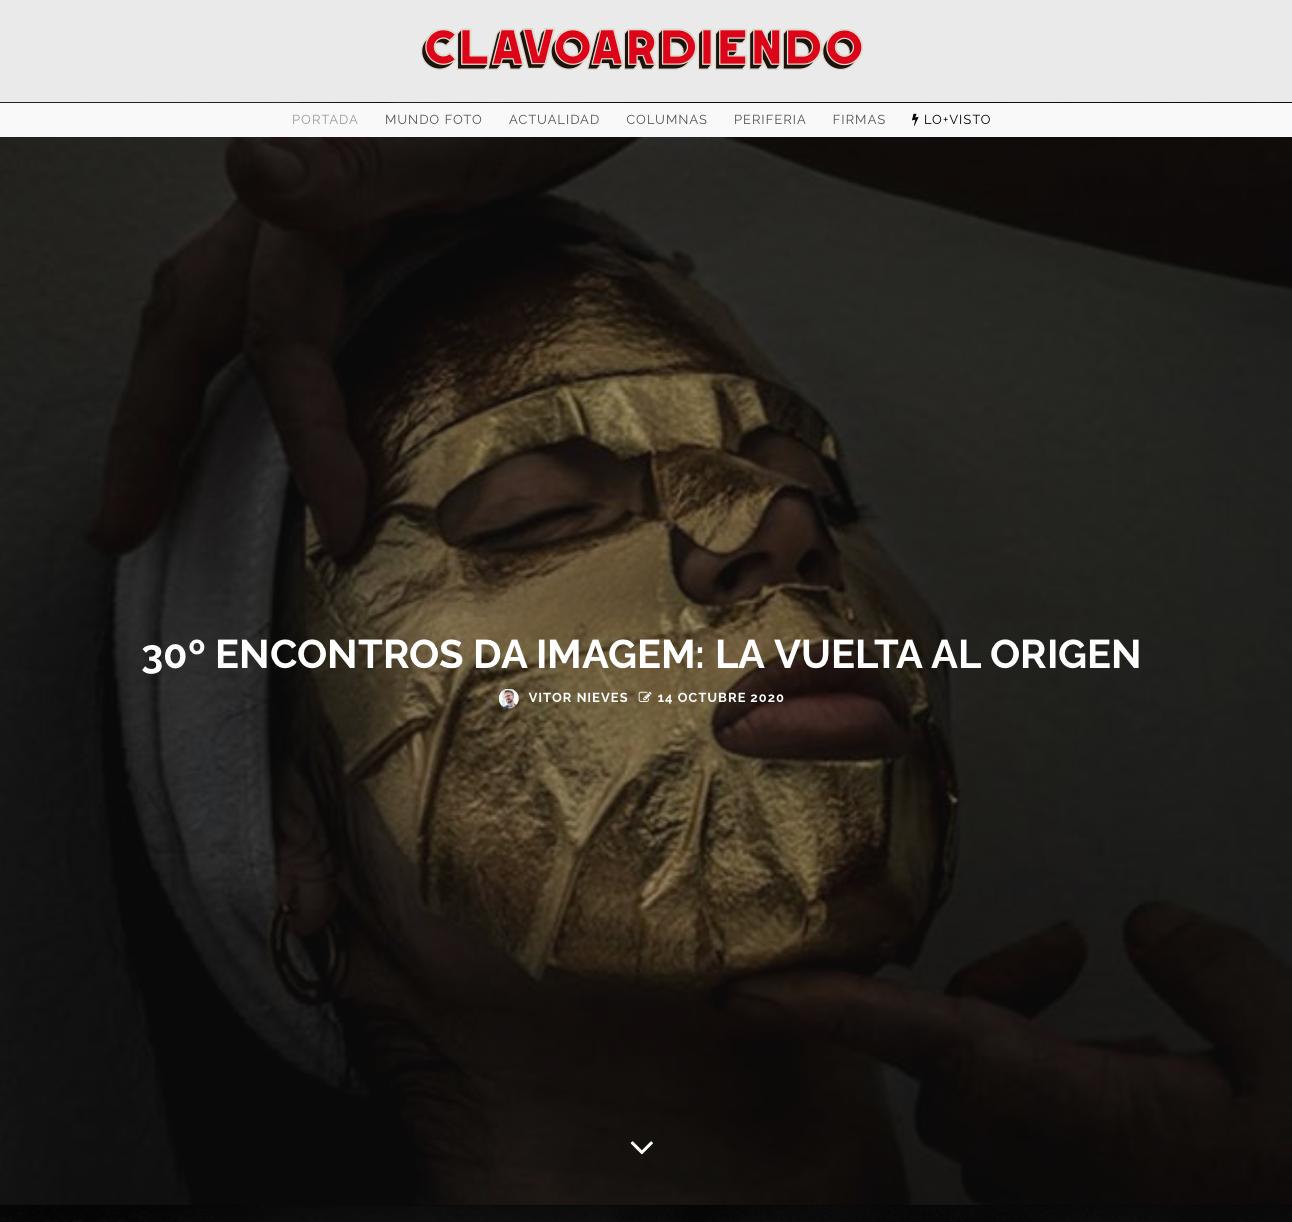 Clavoardiendo magazine 10/2020